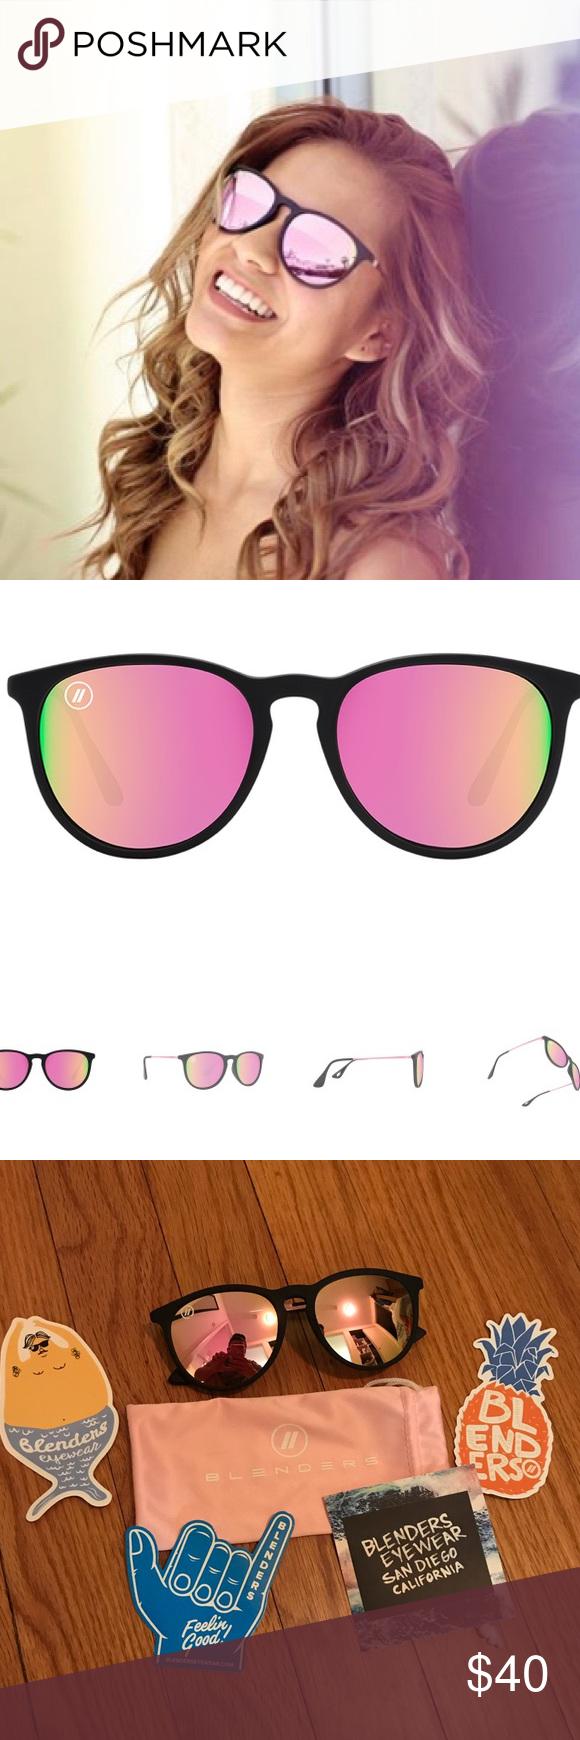 67e2d7860b0 Blenders Rose Theater Sunglasses Brand new